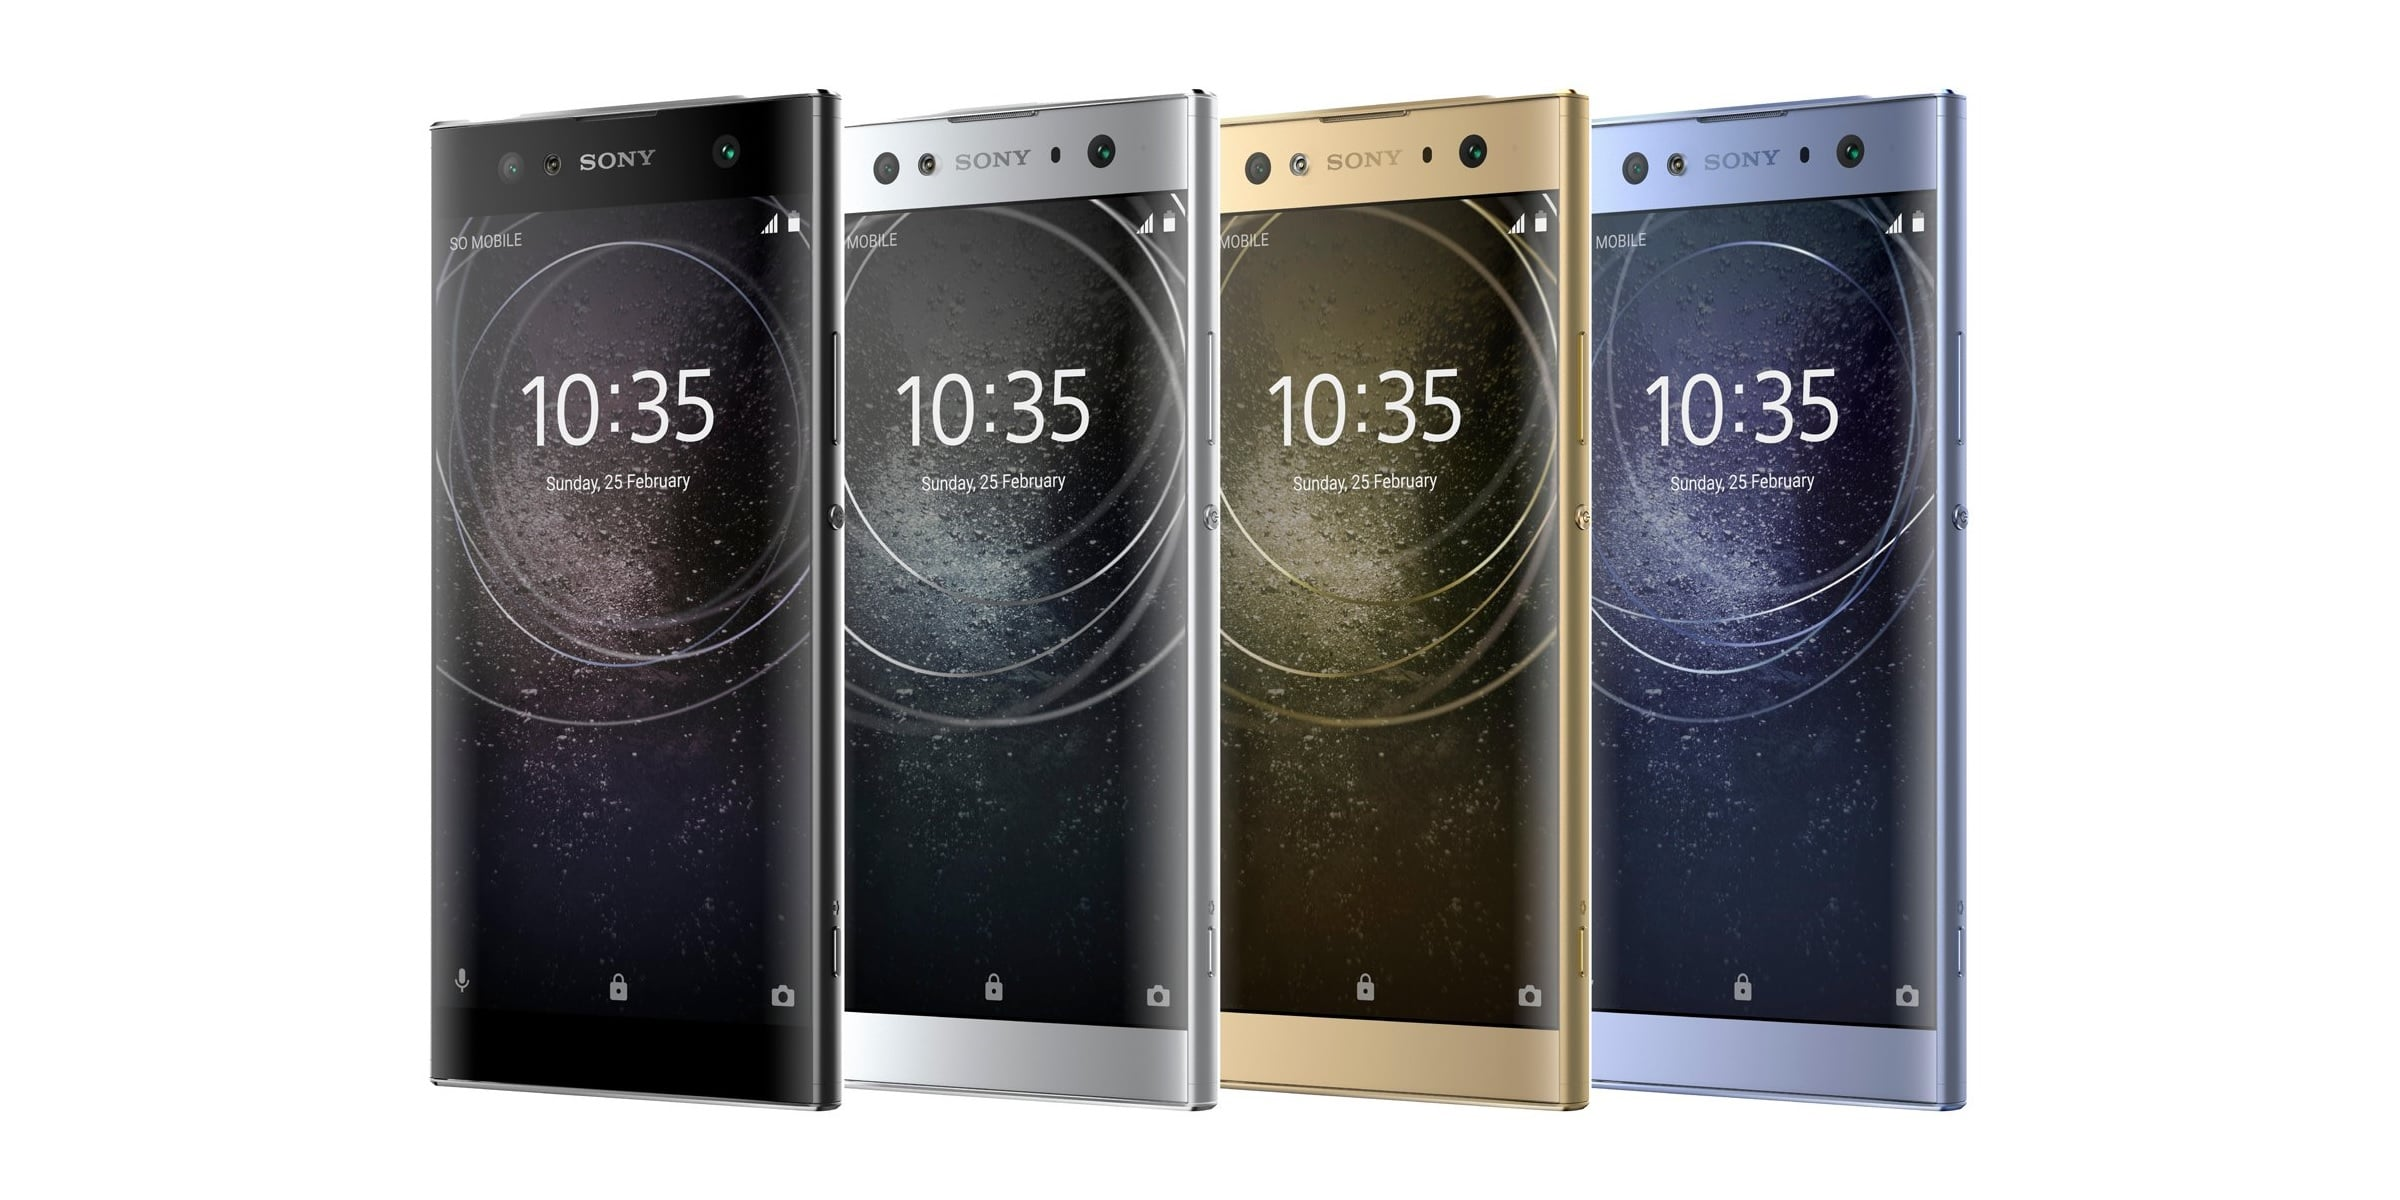 Tabletowo.pl Sony Xperia XA2, Sony Xperia XA2 Ultra i Sony Xperia L2 pozują na wysokiej jakości grafikach promocyjnych Android Plotki / Przecieki Smartfony Sony